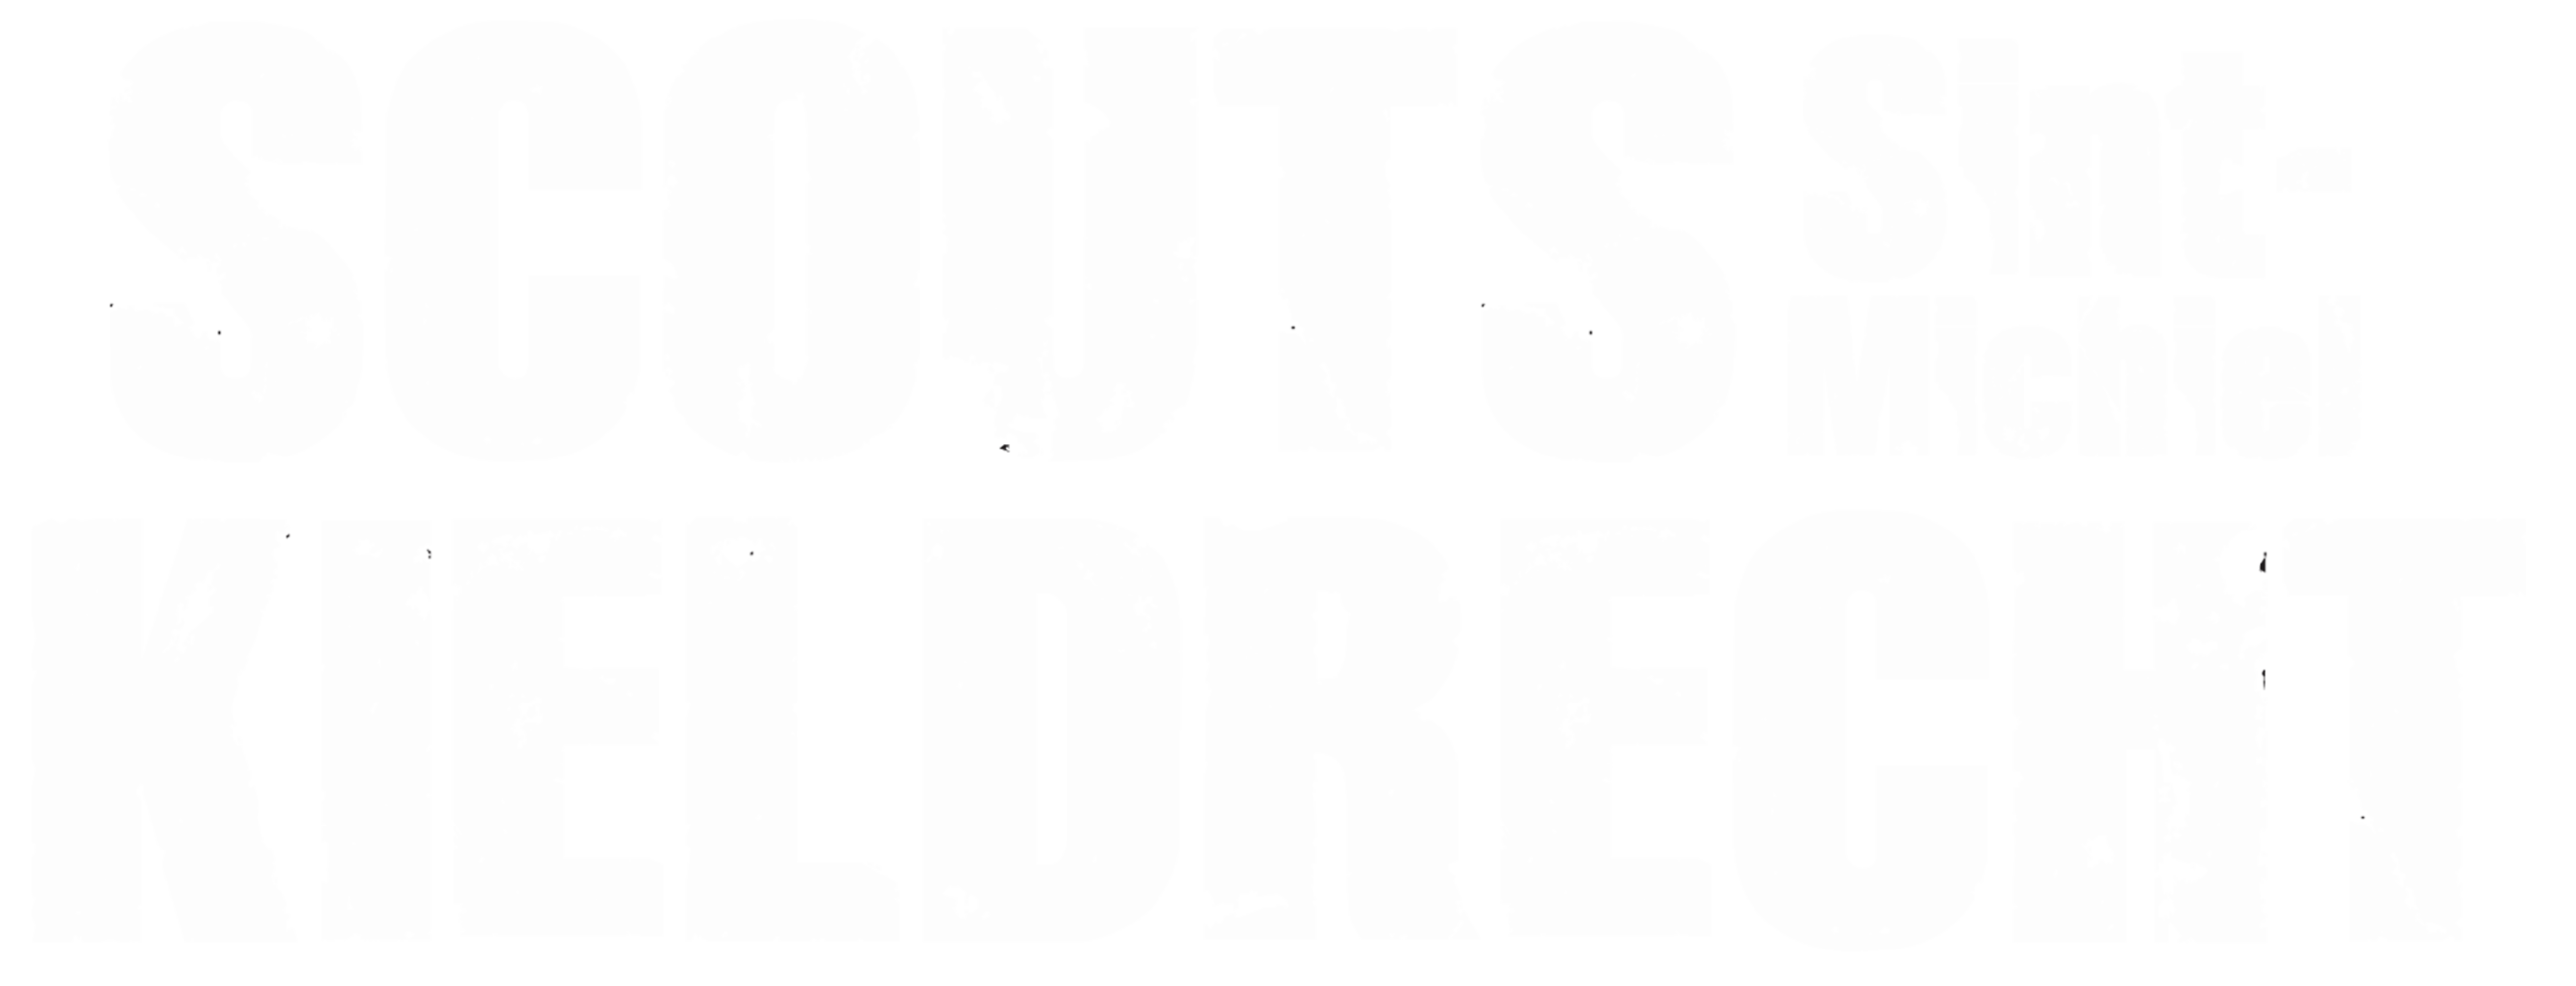 Scouts Sint-Michiel Kieldrecht